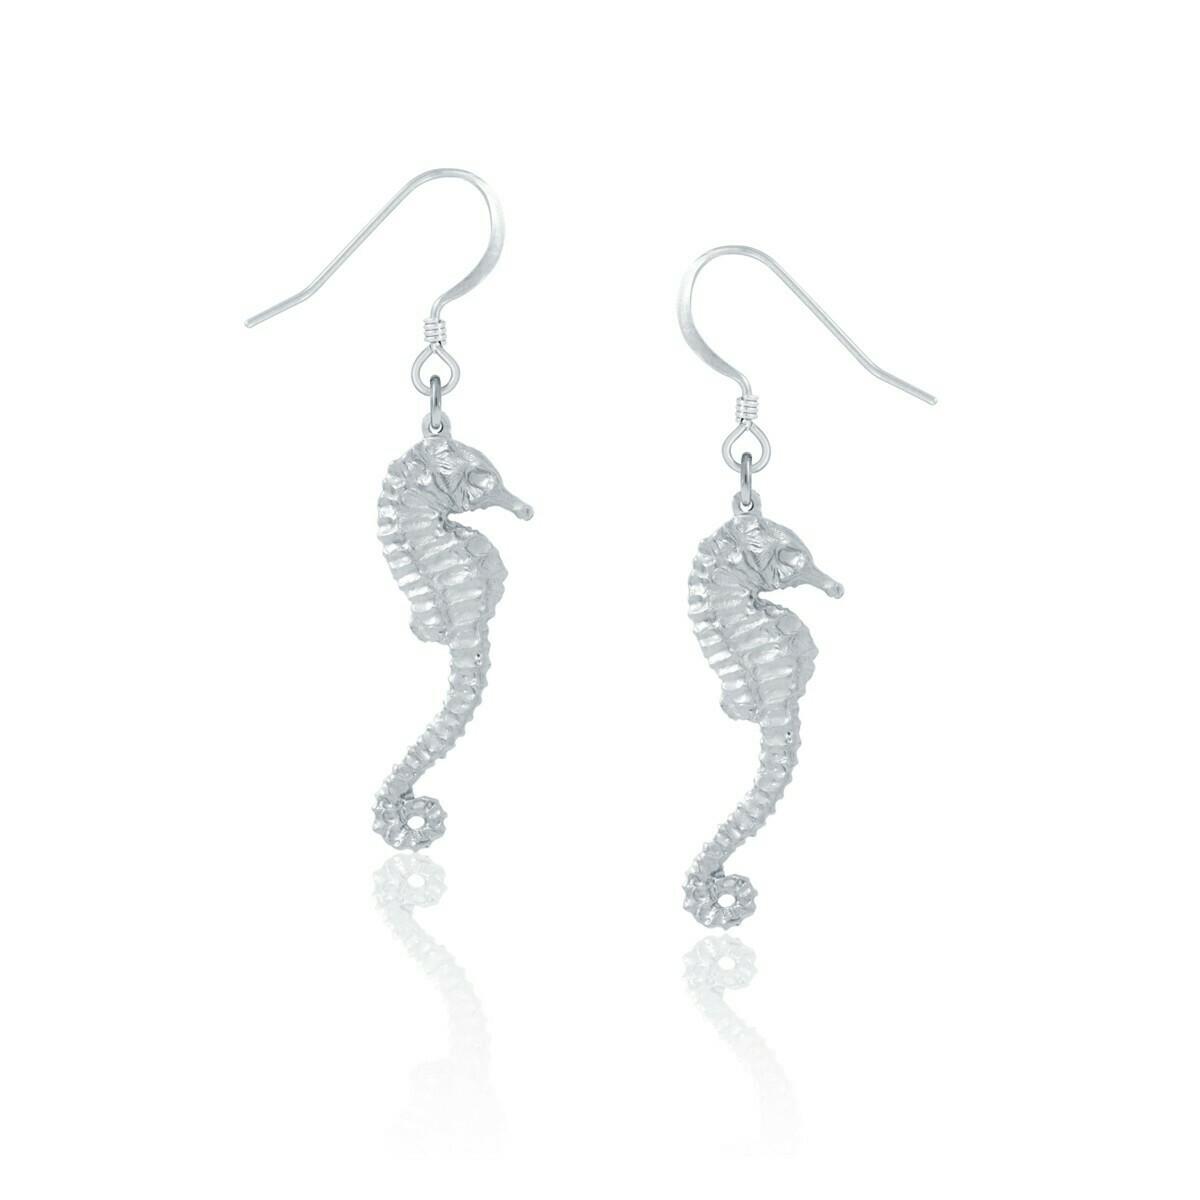 Amos Seahorse Earrings